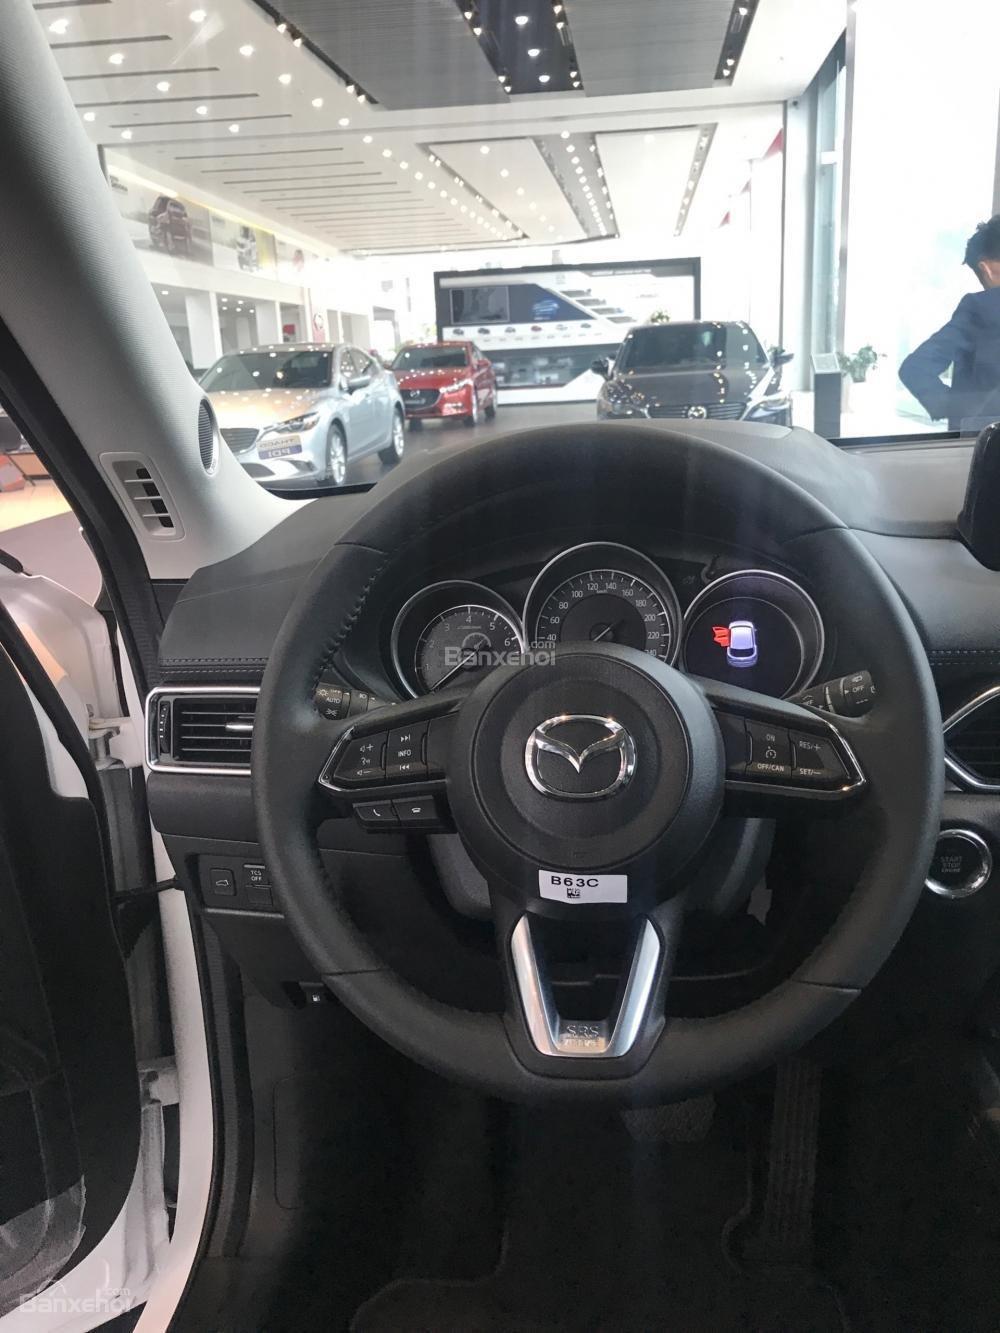 Mazda Phạm Văn Đồng - Bán xe CX -5 2018 đủ màu - hỗ trợ vay trả góp 90% giá trị xe, giao xe ngay - LH: 096.482.6996-6